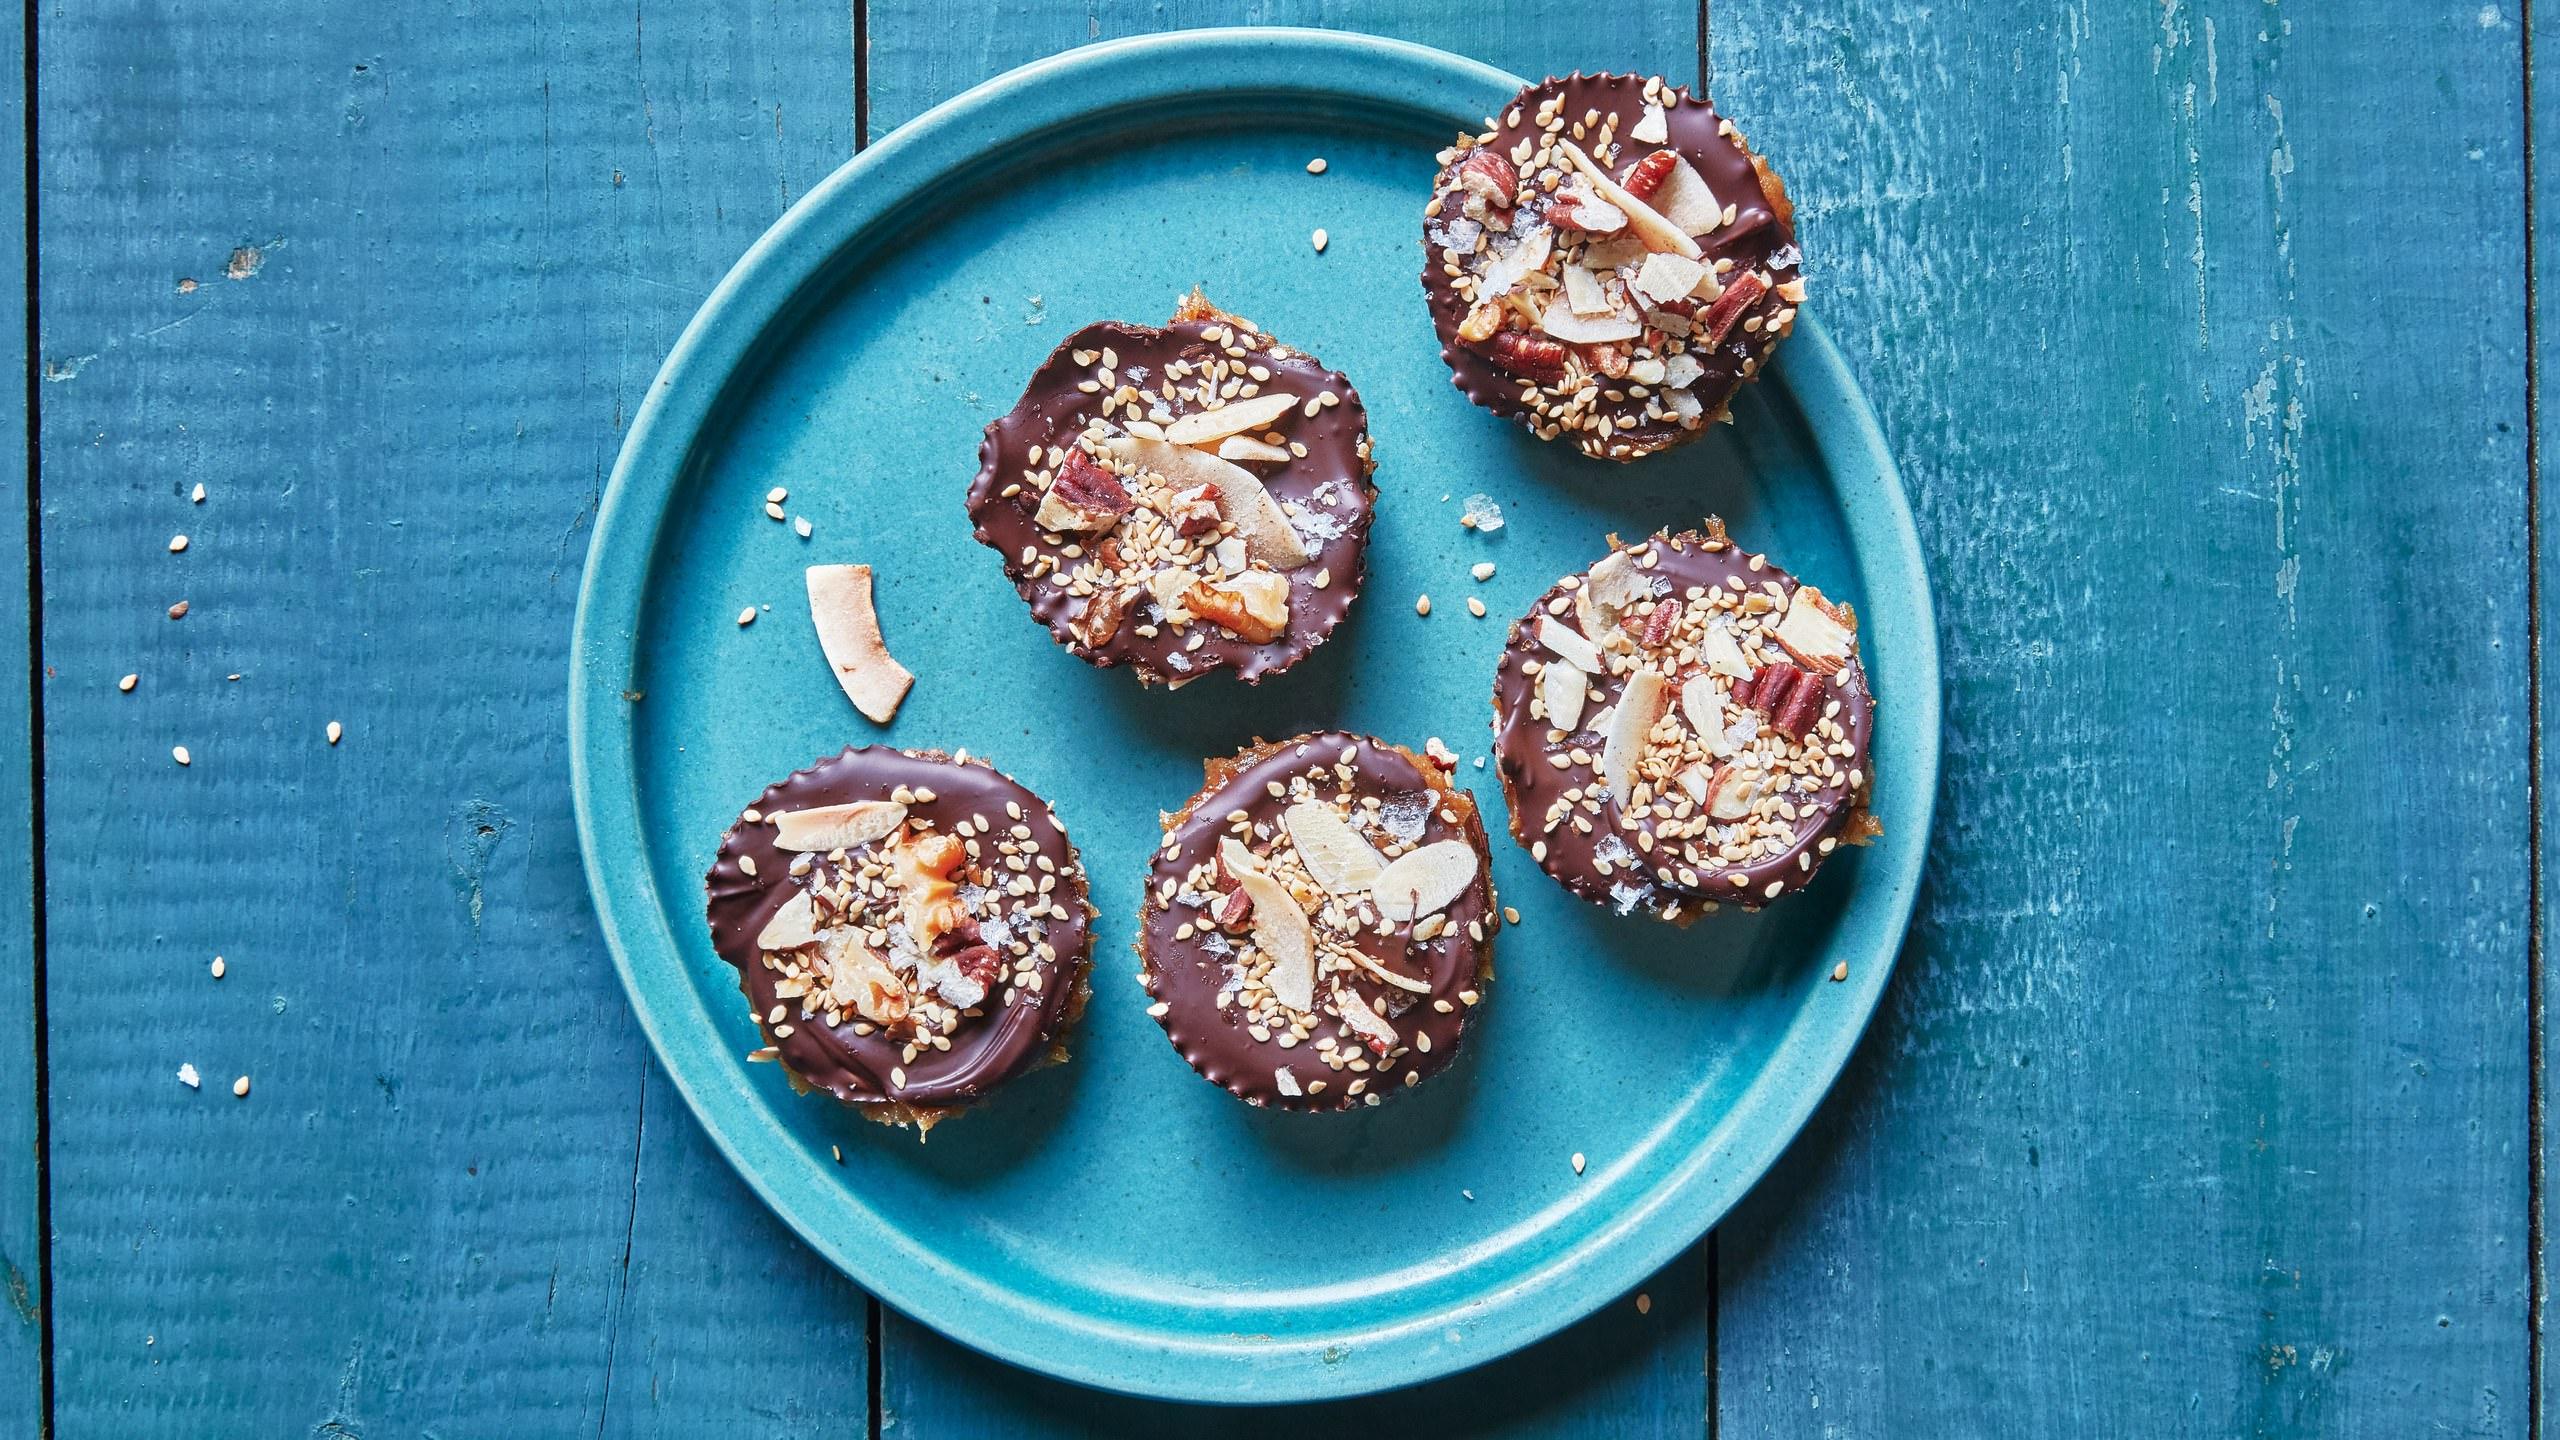 מתכון לקינוח תמרים ושוקולד פשוט וטעים ללא אפייה